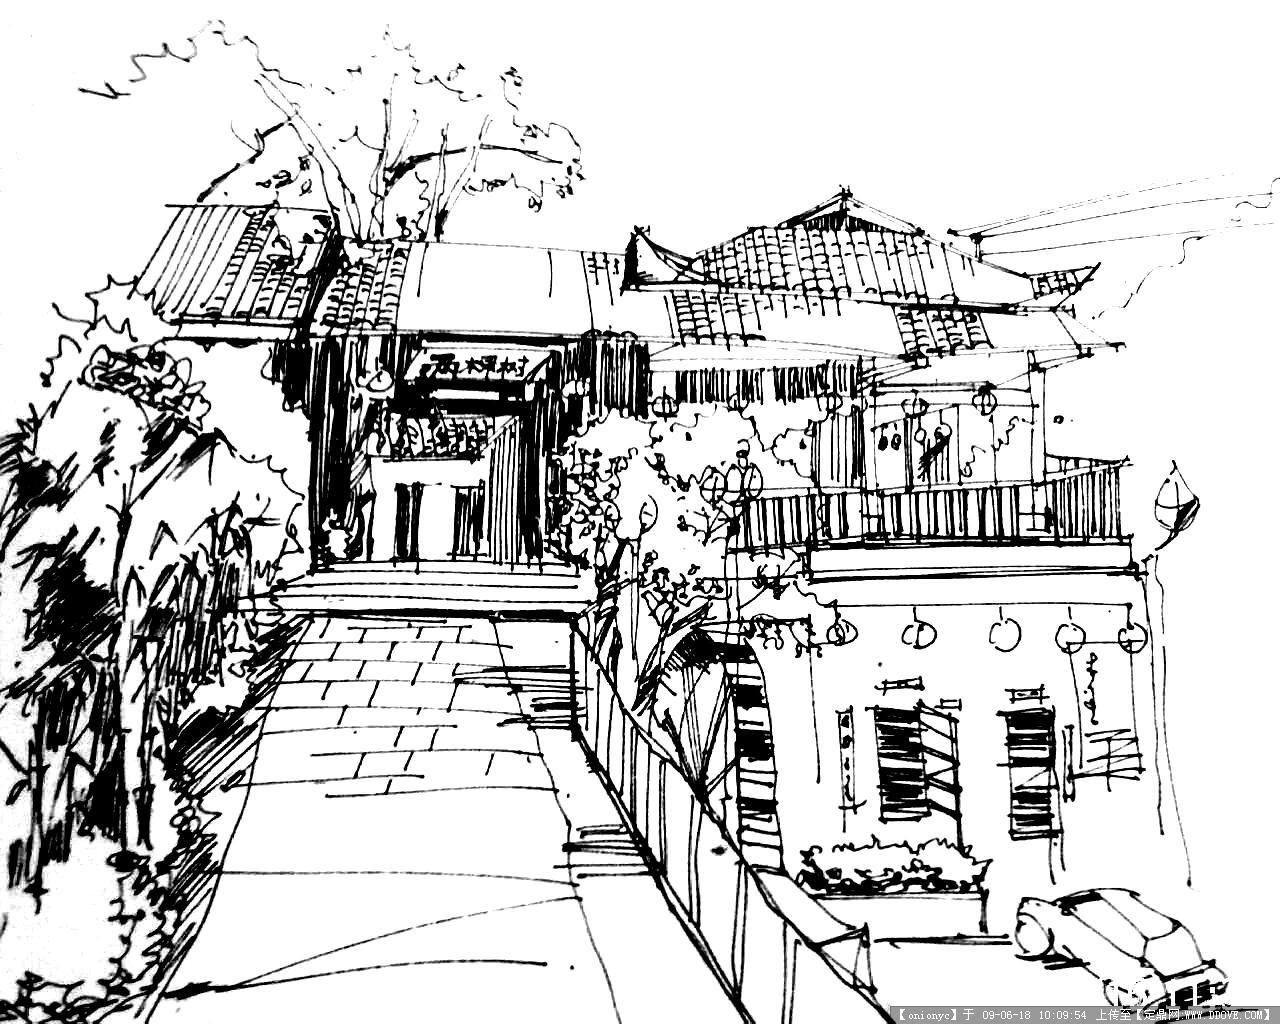 河西两棵树餐厅手绘效果的图片浏览,室内效 果图,酒楼